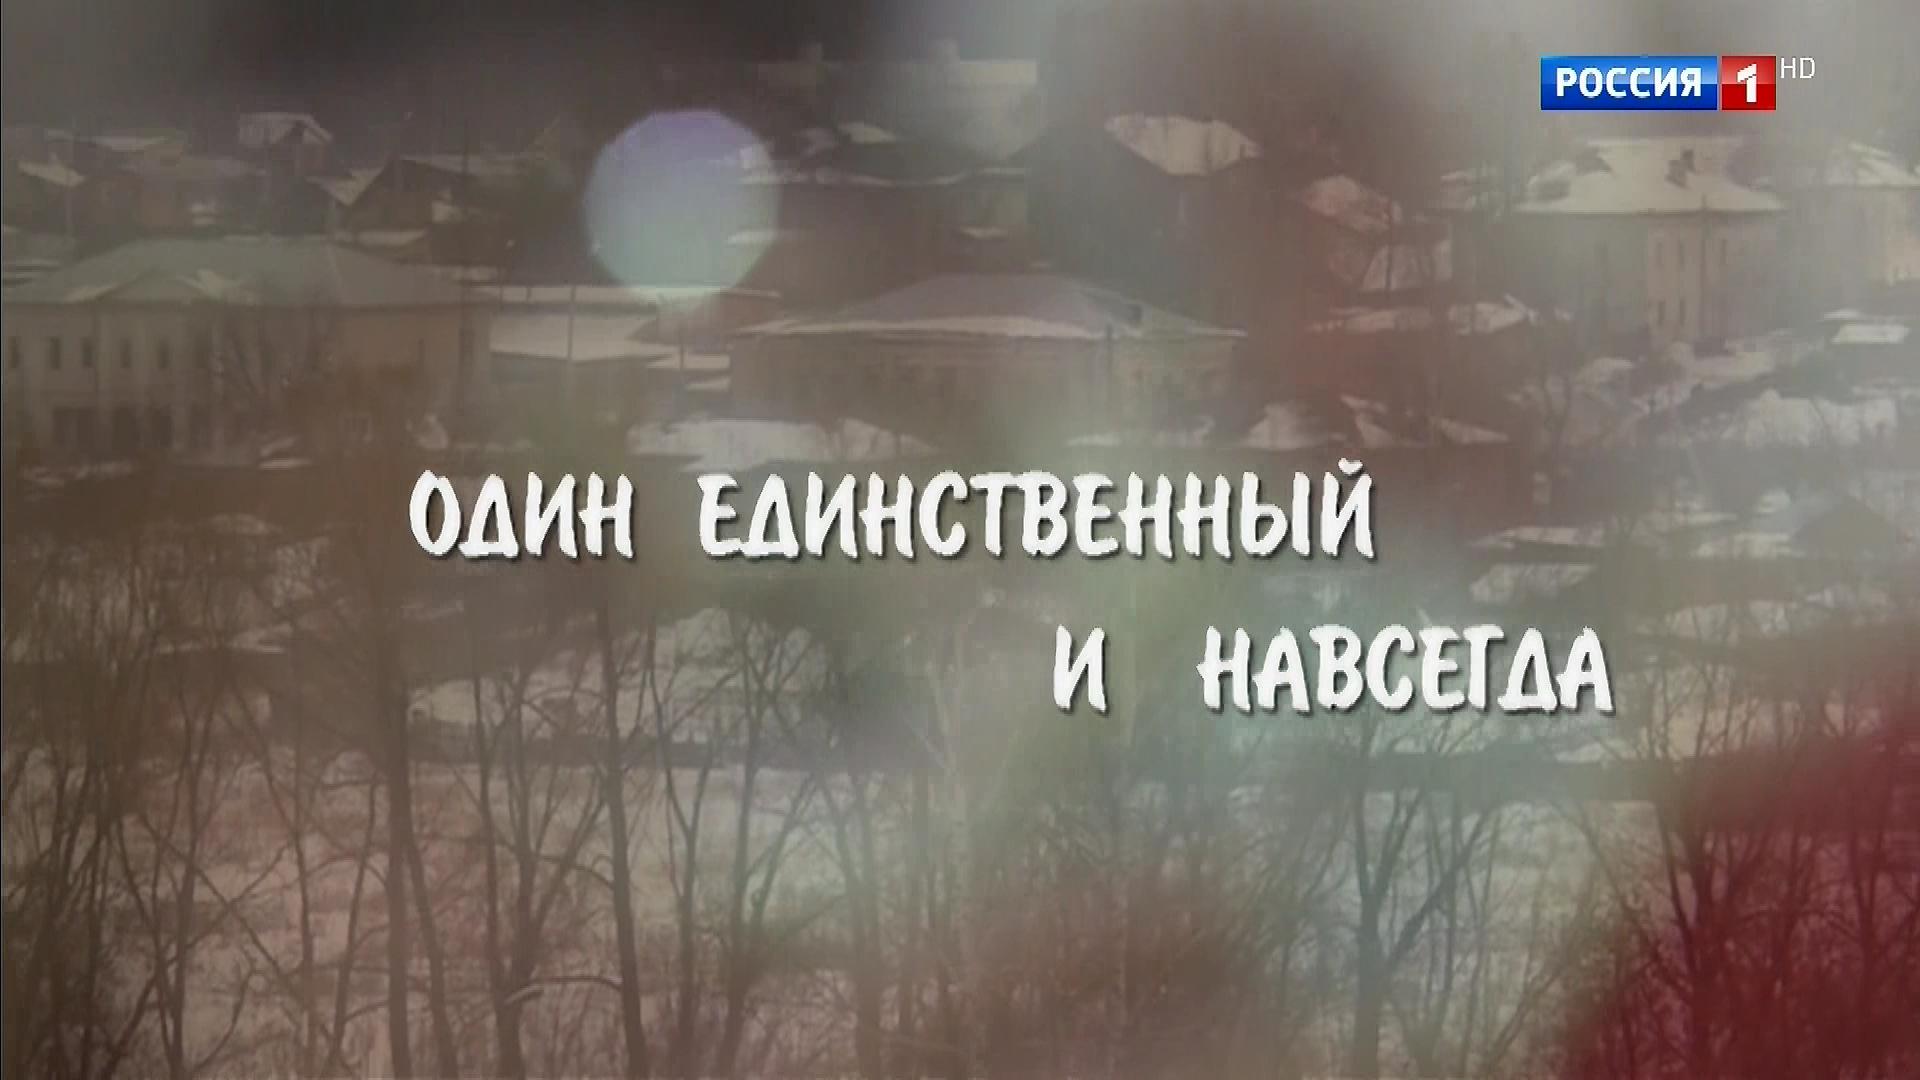 Один.единственный.и.навсегда.2011.HDTV.1080i-ylnian_1 (01).png